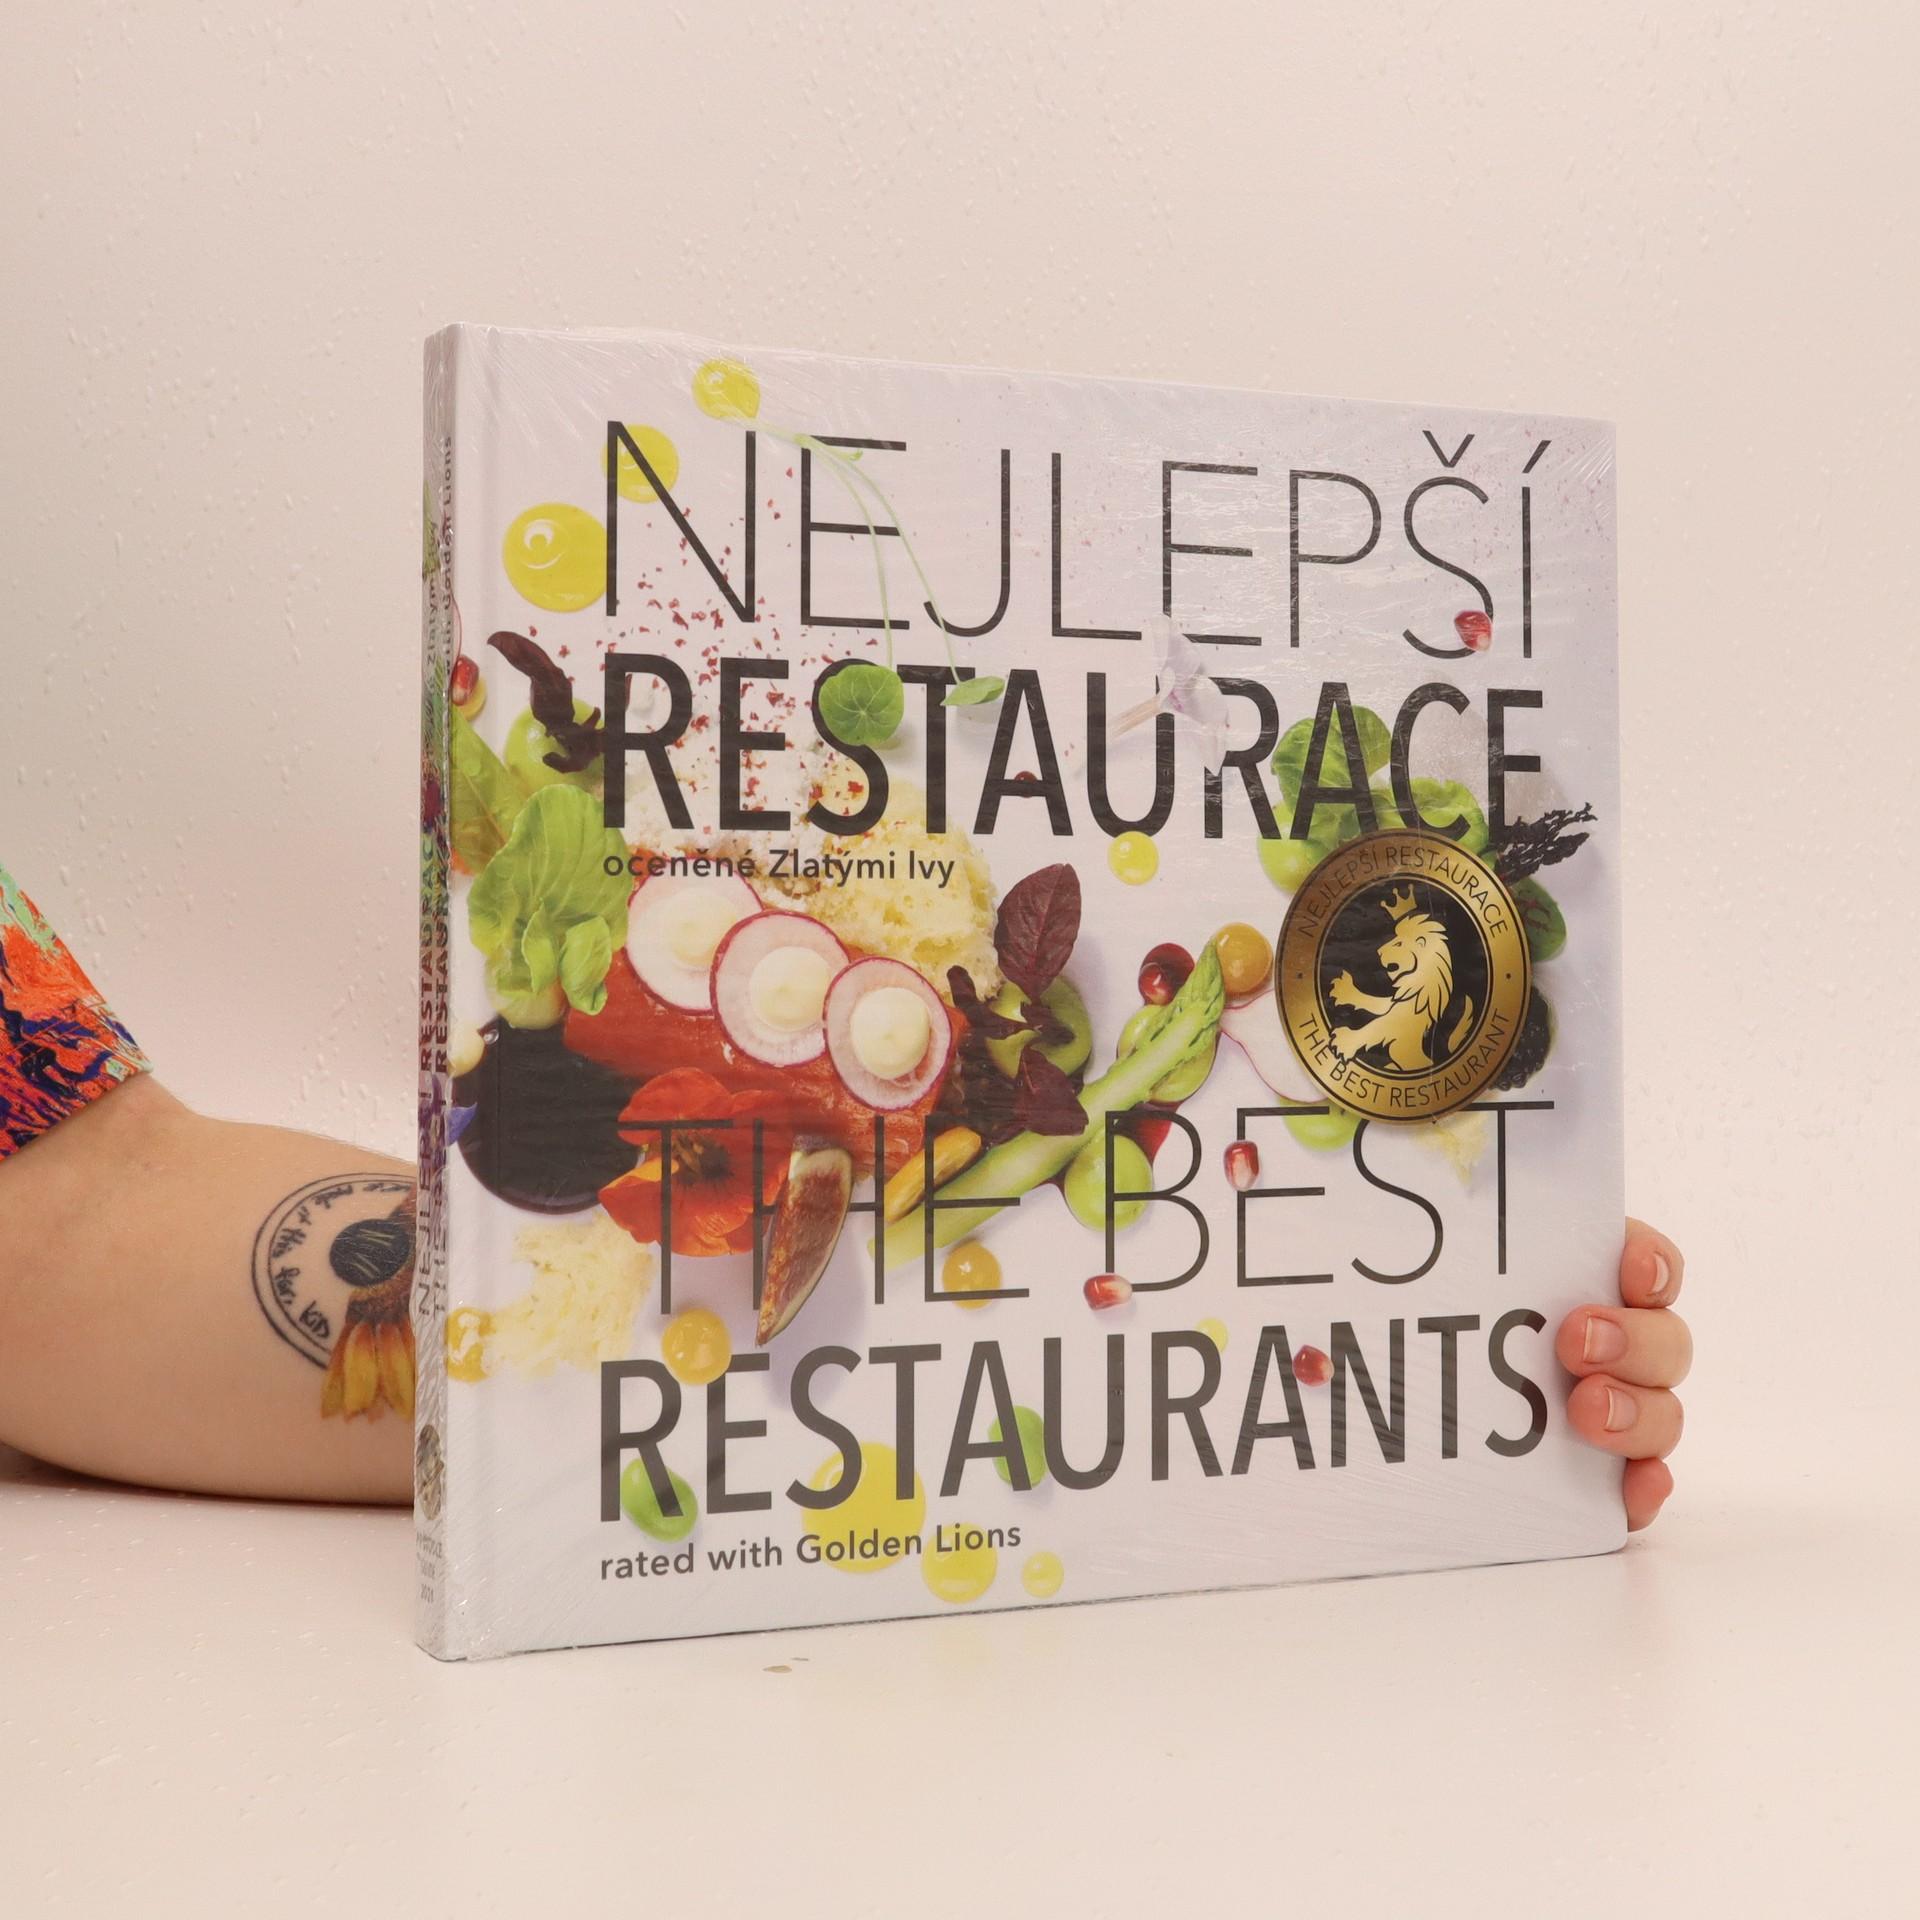 antikvární kniha Nejlepší restaurace oceněné Zlatými lvy, 2020